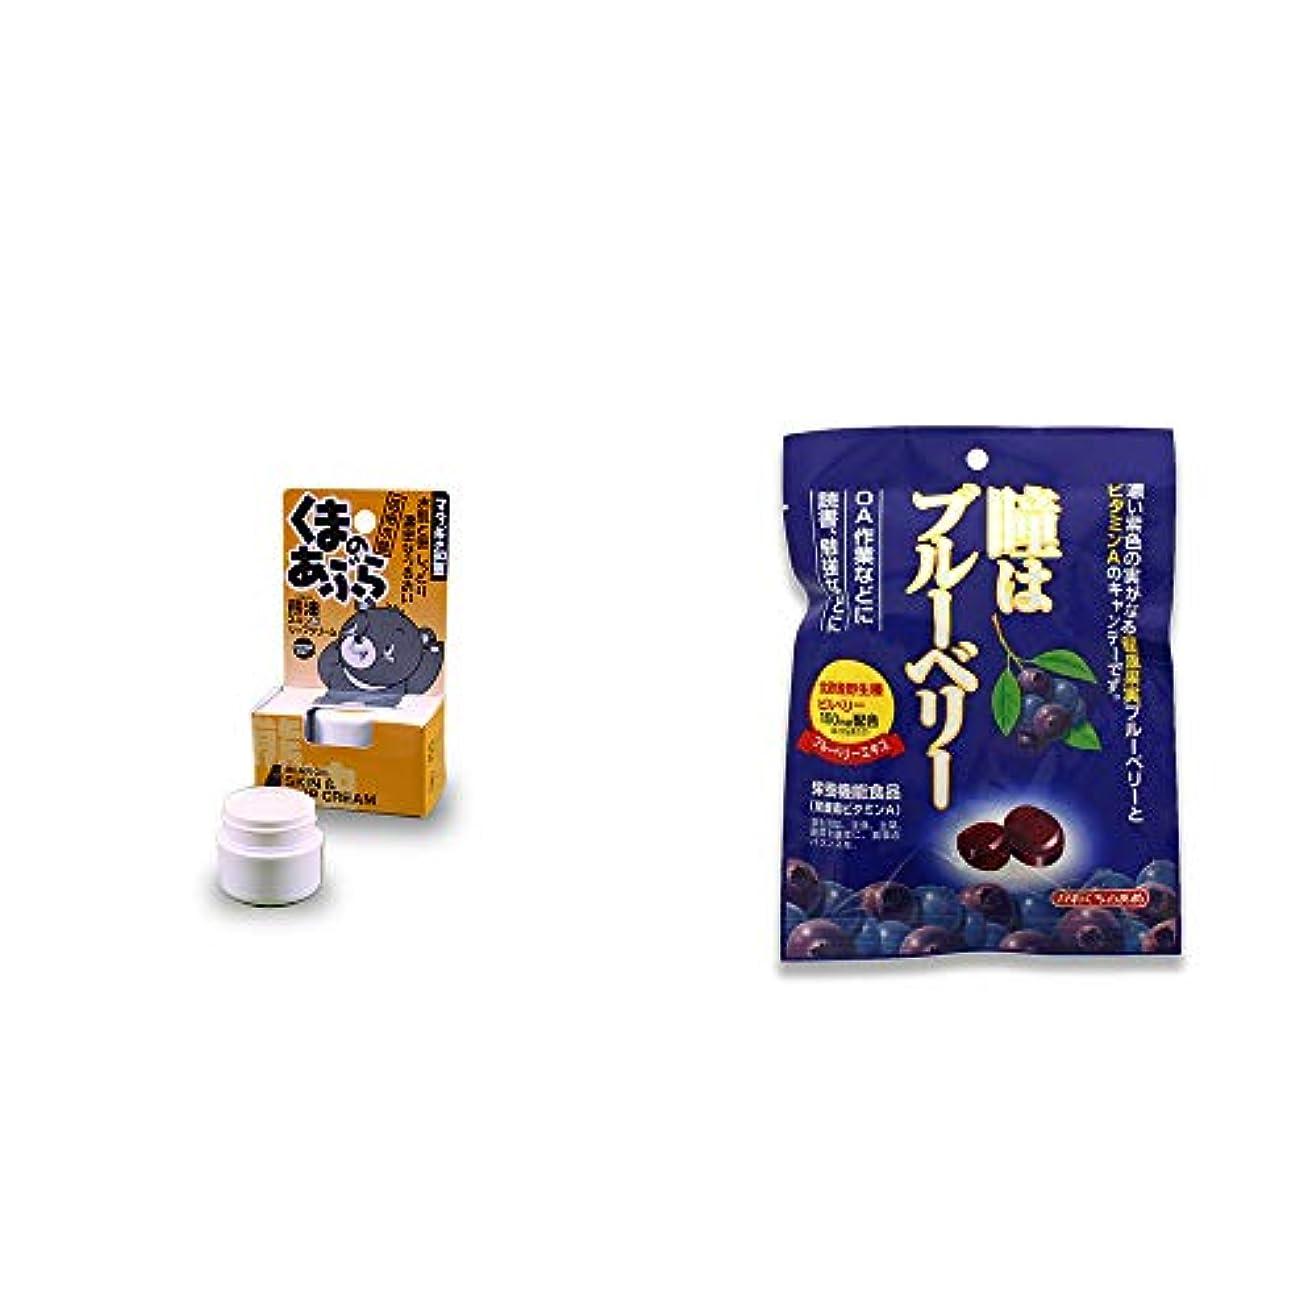 香ばしいモロニック事前に[2点セット] 信州木曽 くまのあぶら 熊油スキン&リップクリーム(9g)?瞳はブルーベリー 健康機能食品[ビタミンA](100g)